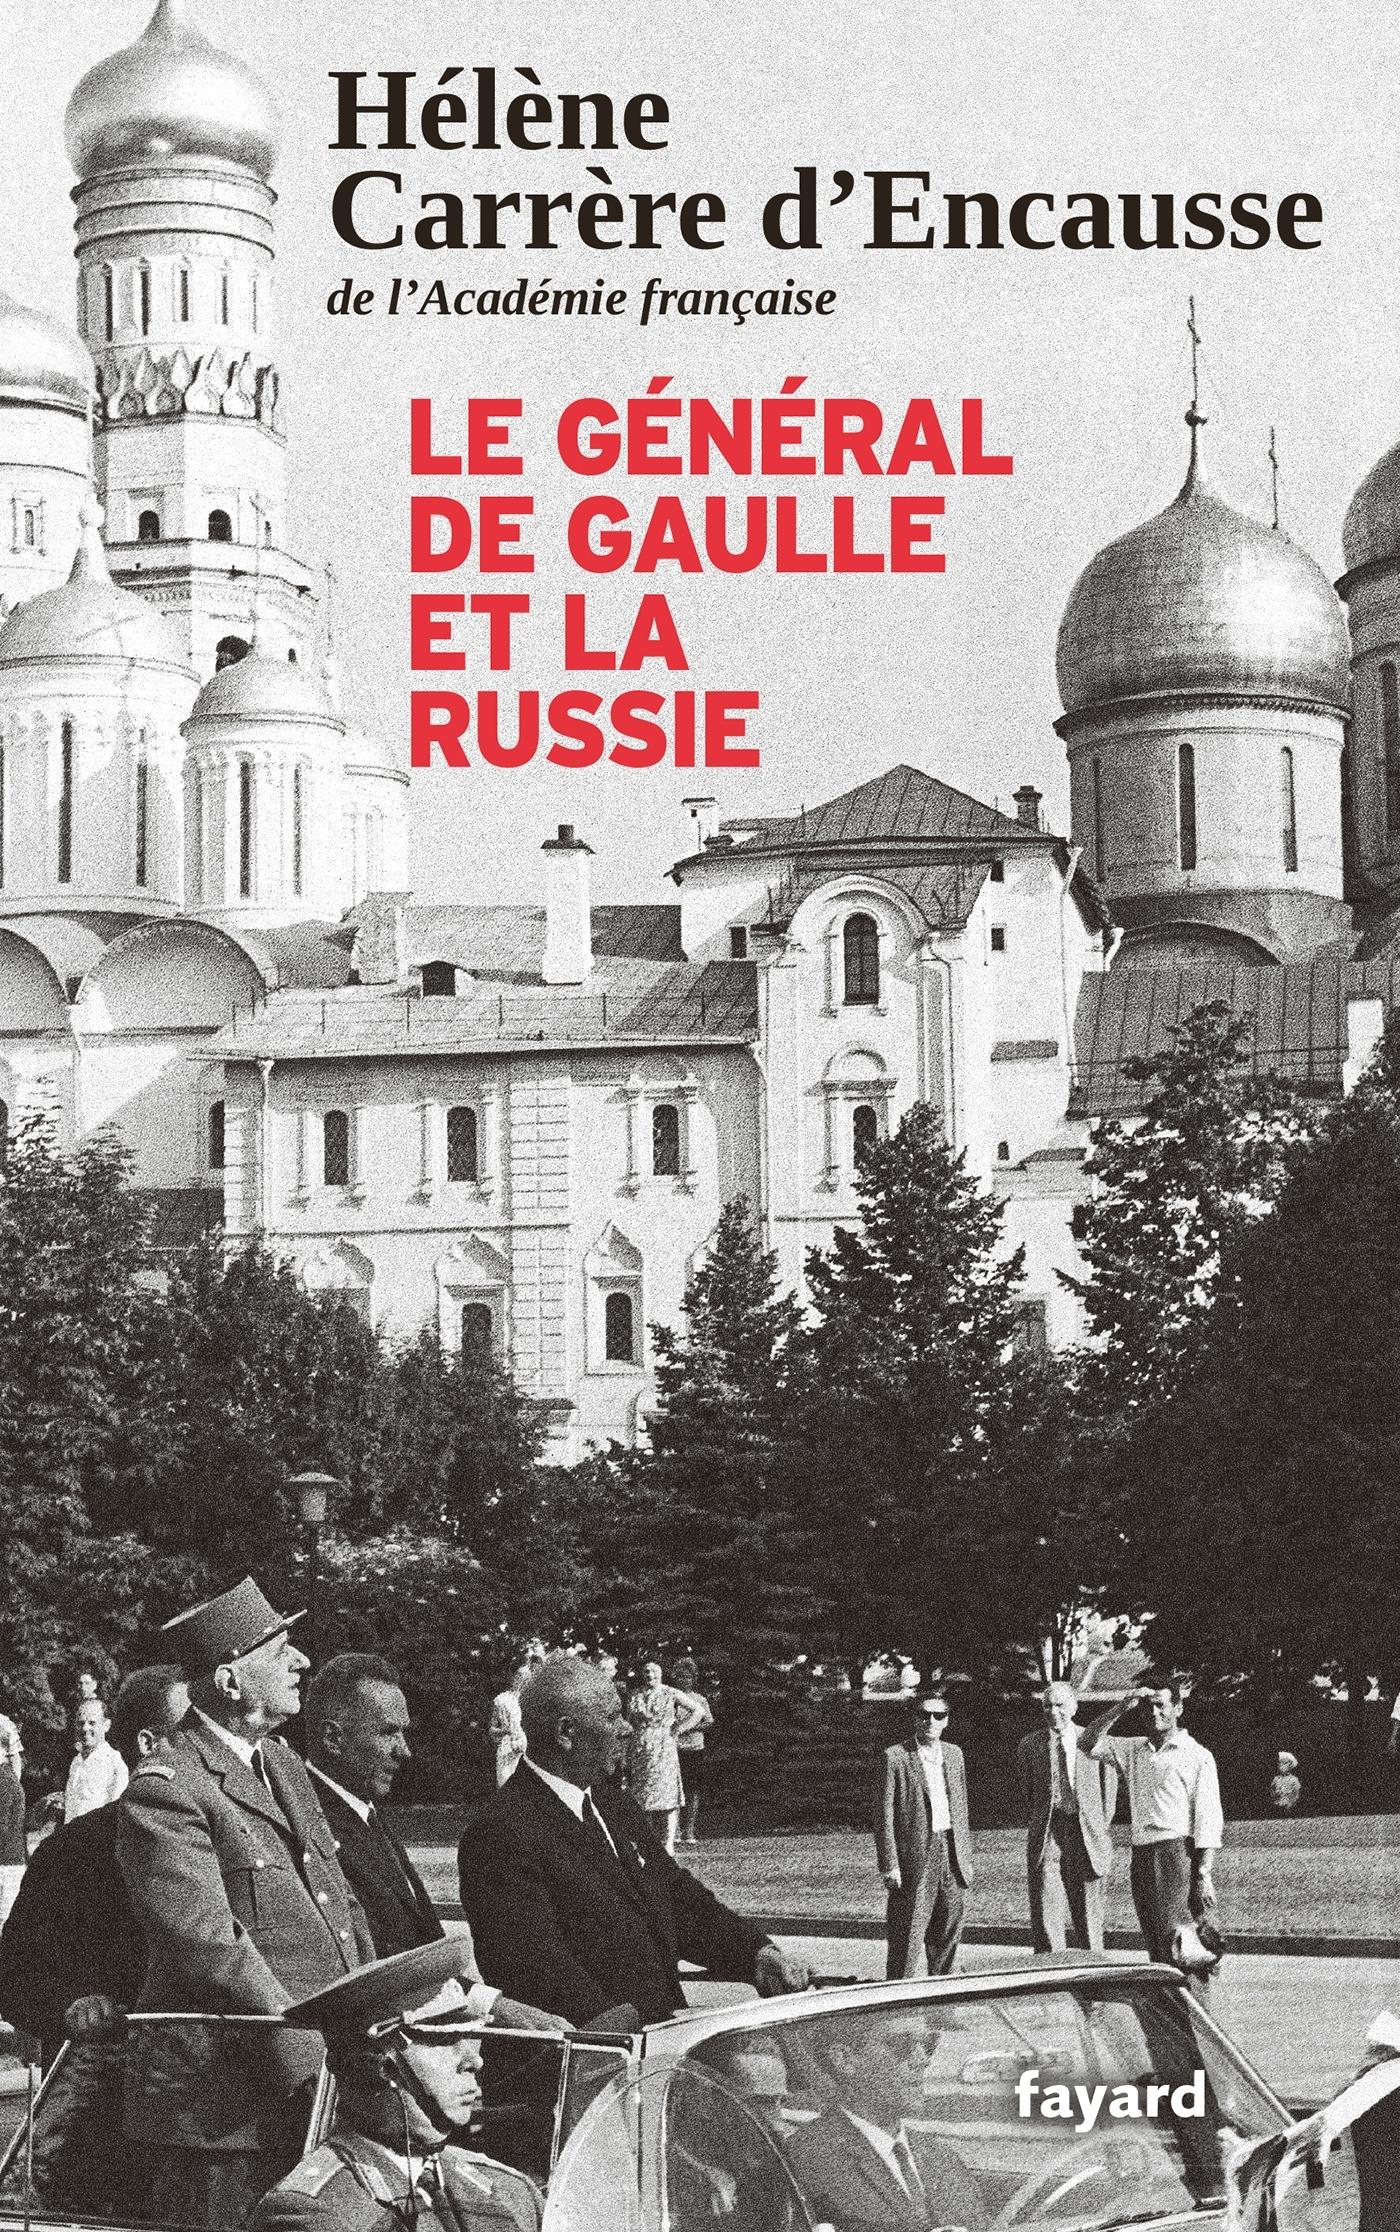 LE GENERAL DE GAULLE ET LA RUSSIE